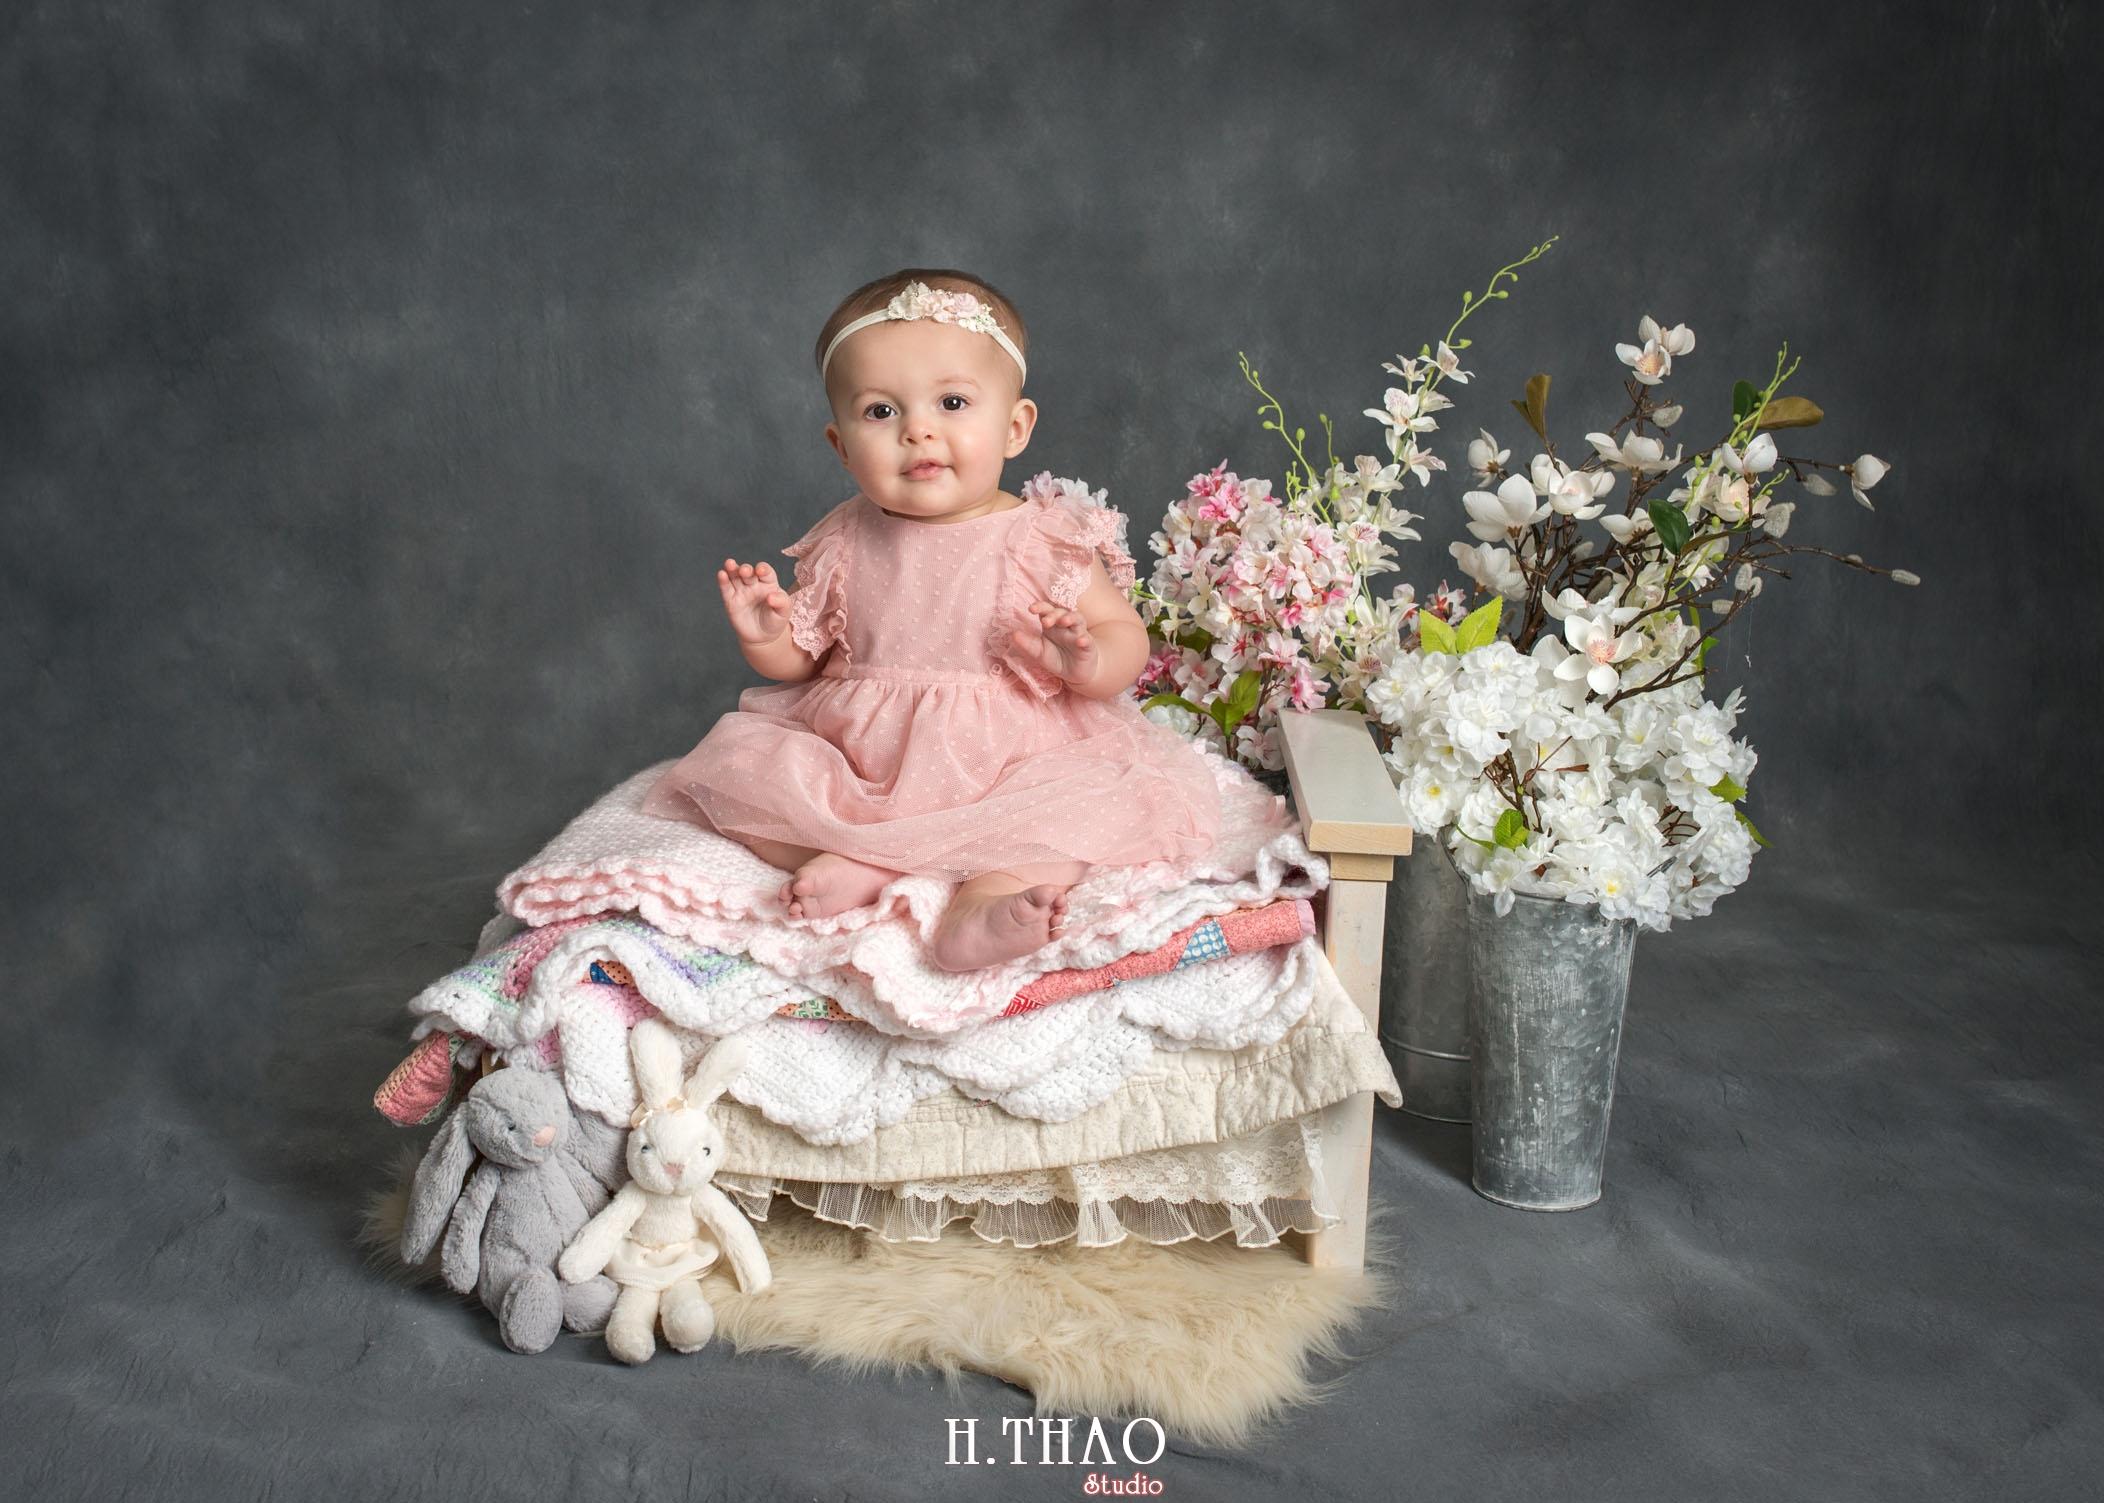 baby 2 min - Studio chụp hình cho bé đẹp ở Tp.HCM